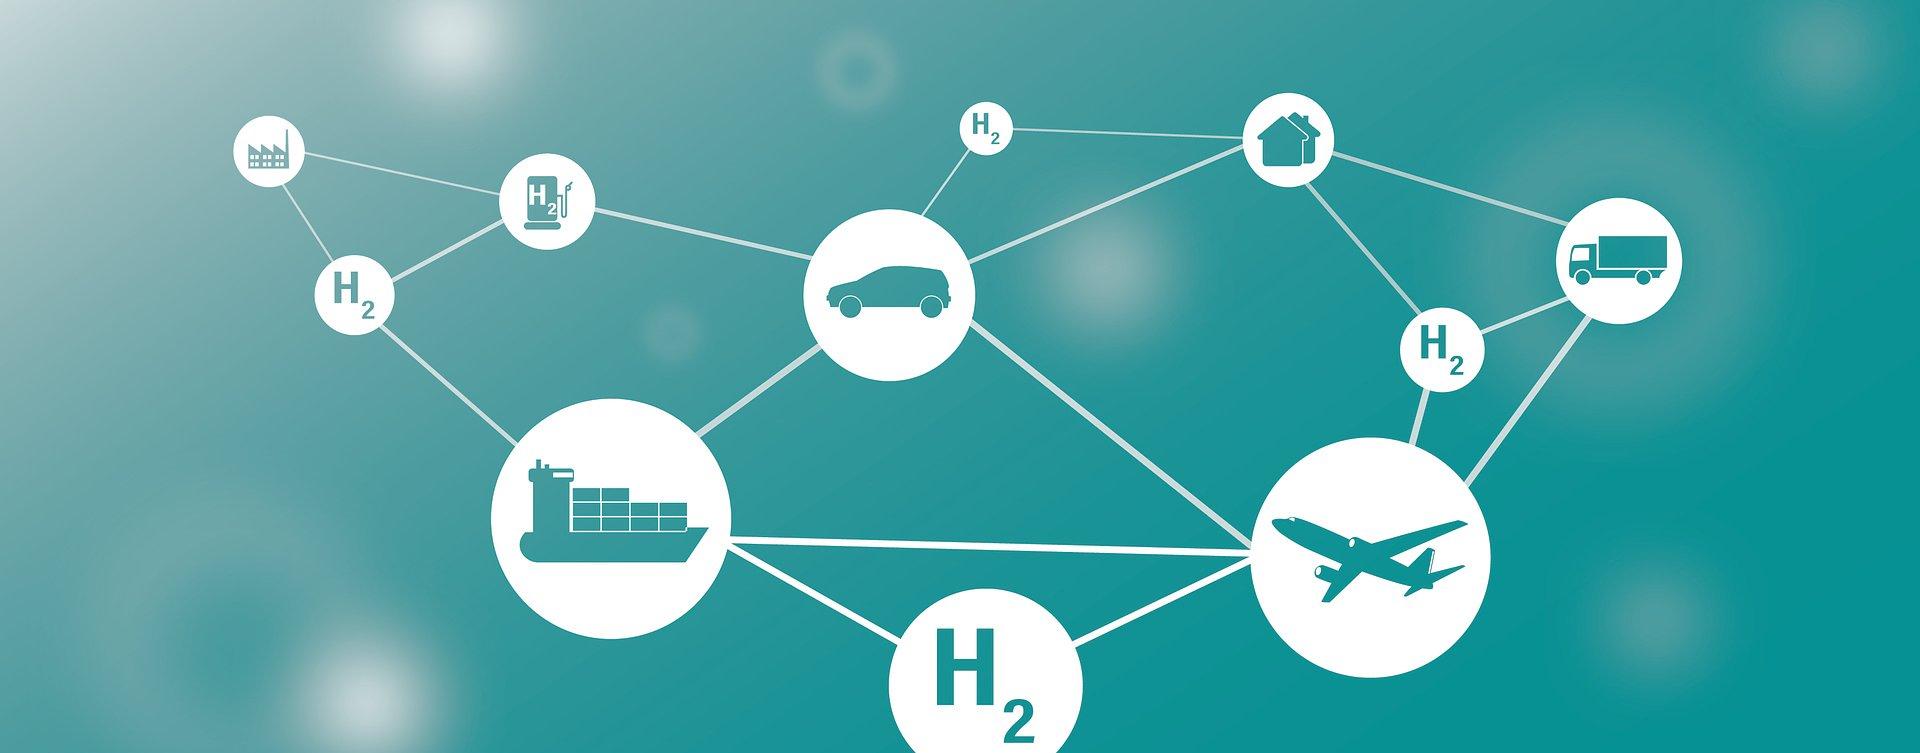 Bekanntmachung der Förderrichtlinie für internationale Wasserstoffprojekte im Rahmen der Nationalen Wasserstoffstrategie und des Konjunkturprogramms: Corona-Folgen bekämpfen, Wohlstand sichern, Zukunftsfähigkeit stärken